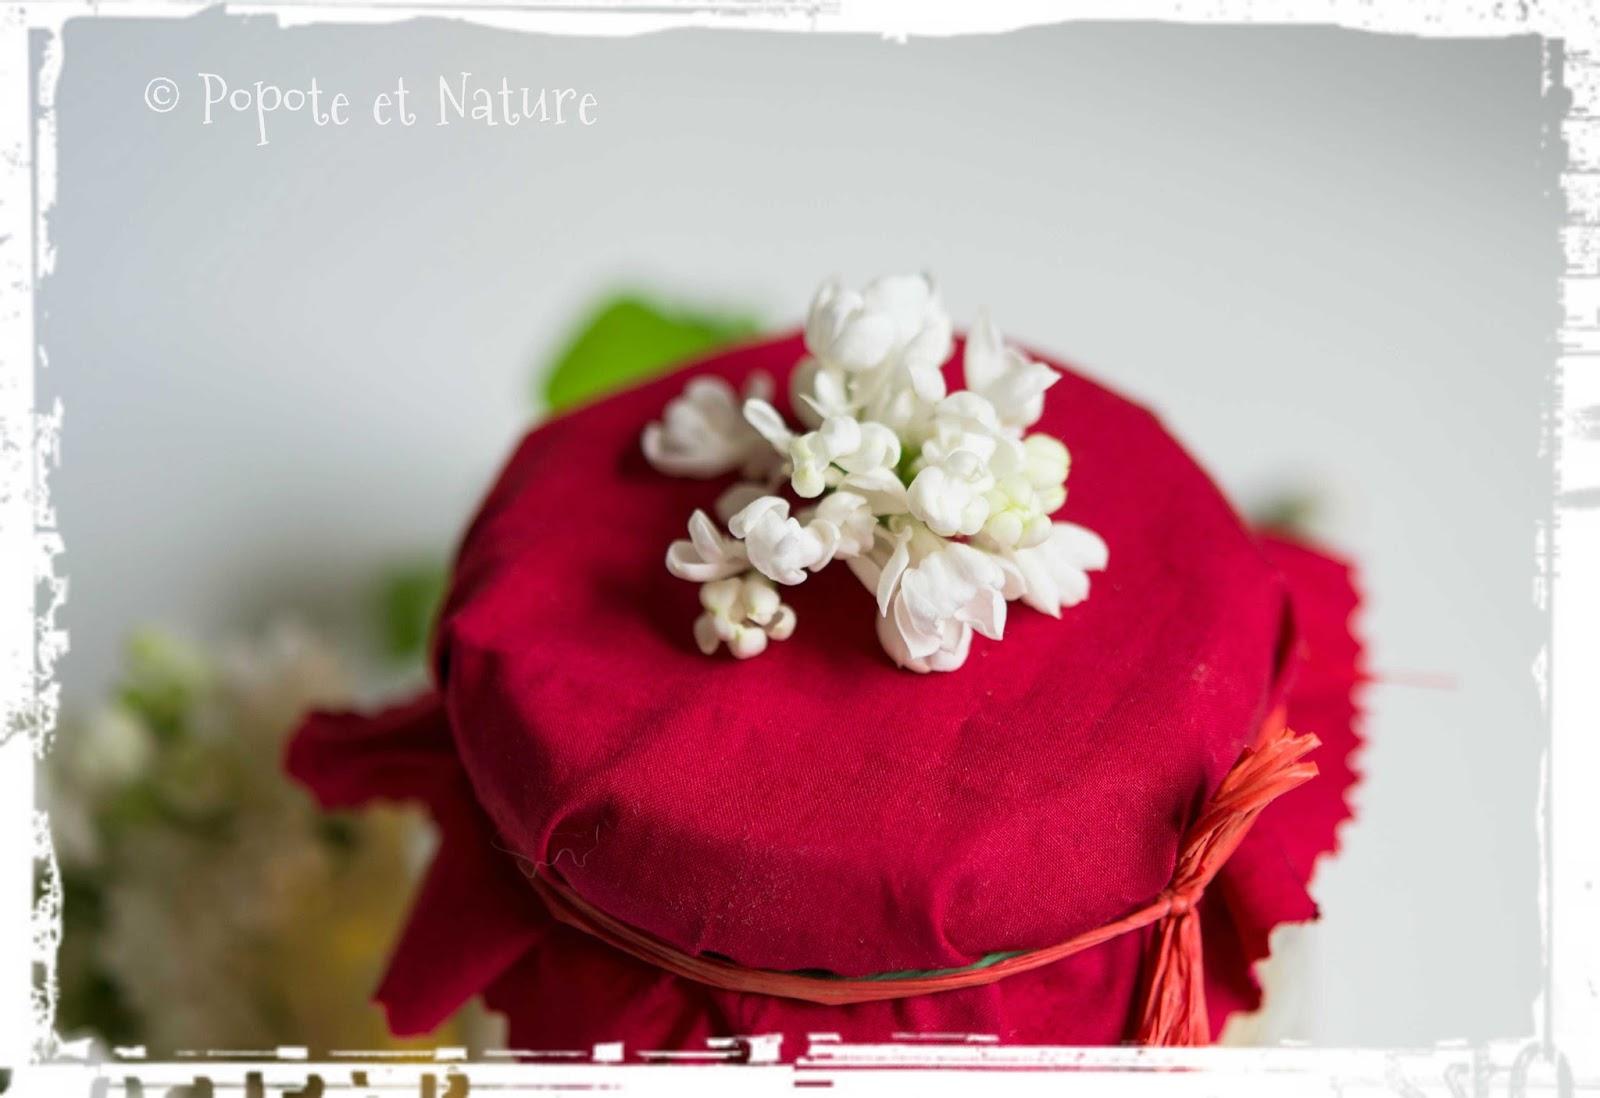 popote et nature du sirop des fleurs printani res du jardin ou comment utiliser le lilas en cuisine. Black Bedroom Furniture Sets. Home Design Ideas